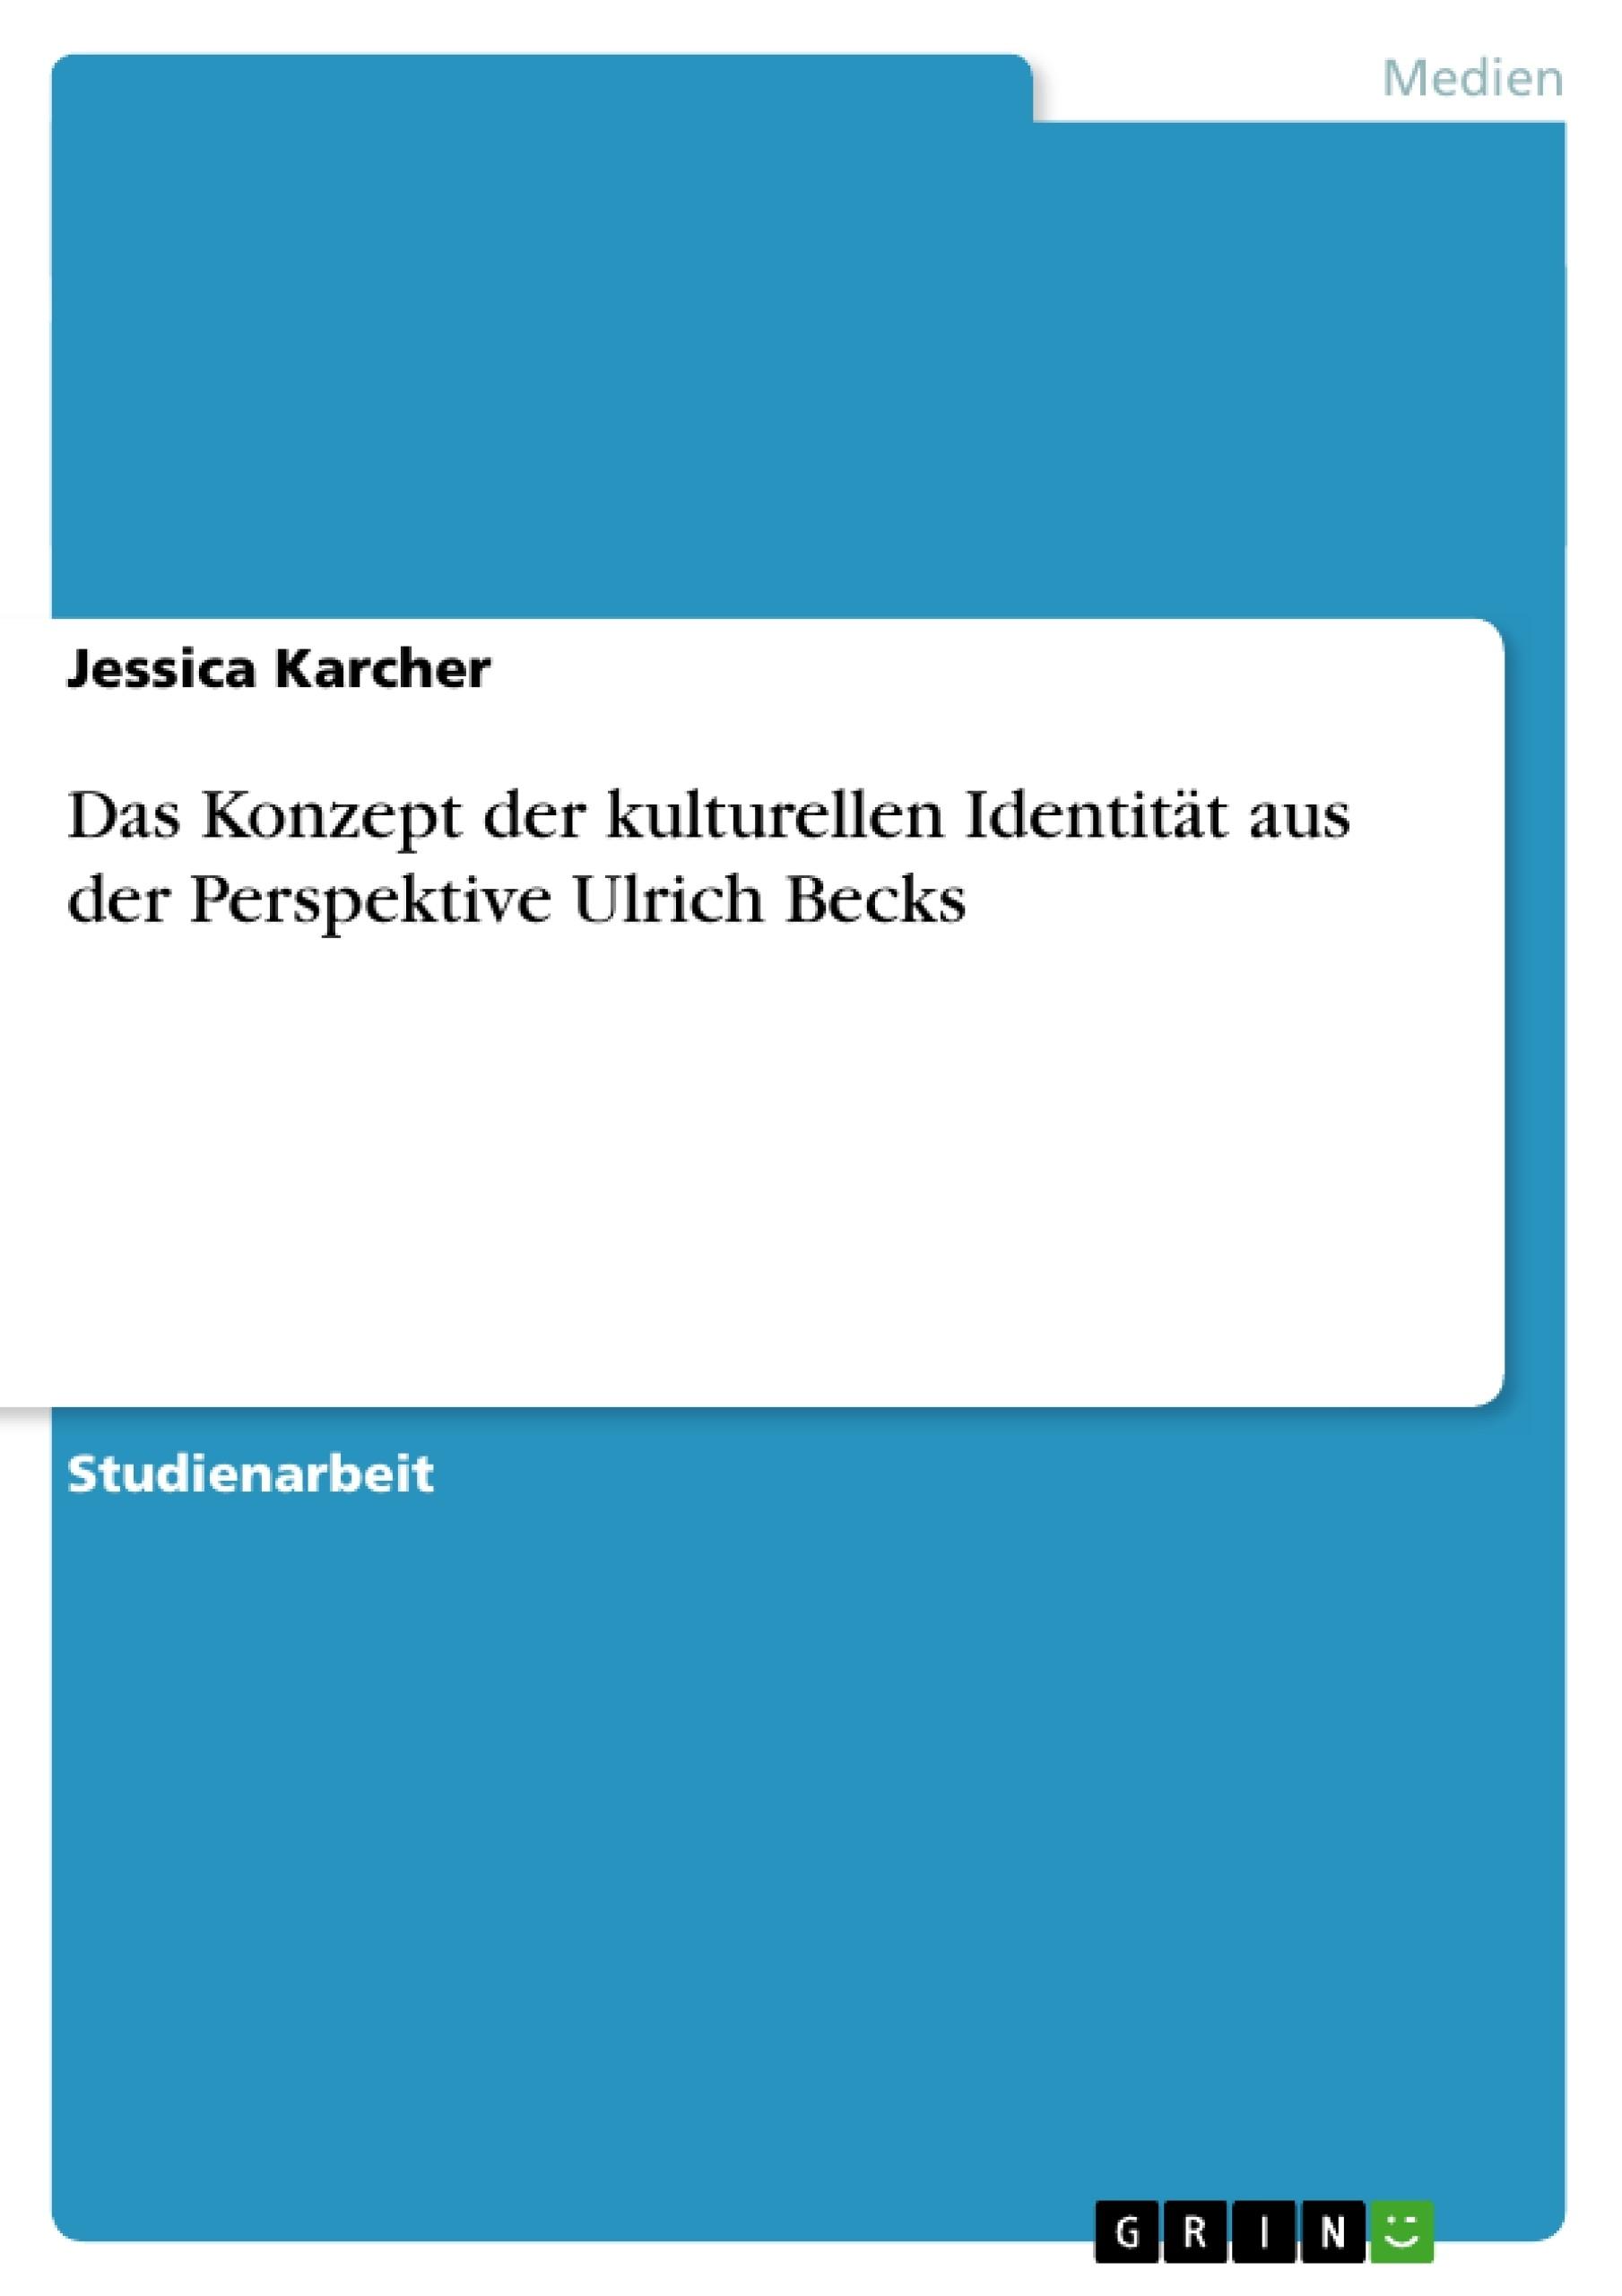 Titel: Das Konzept der kulturellen Identität aus der Perspektive Ulrich Becks